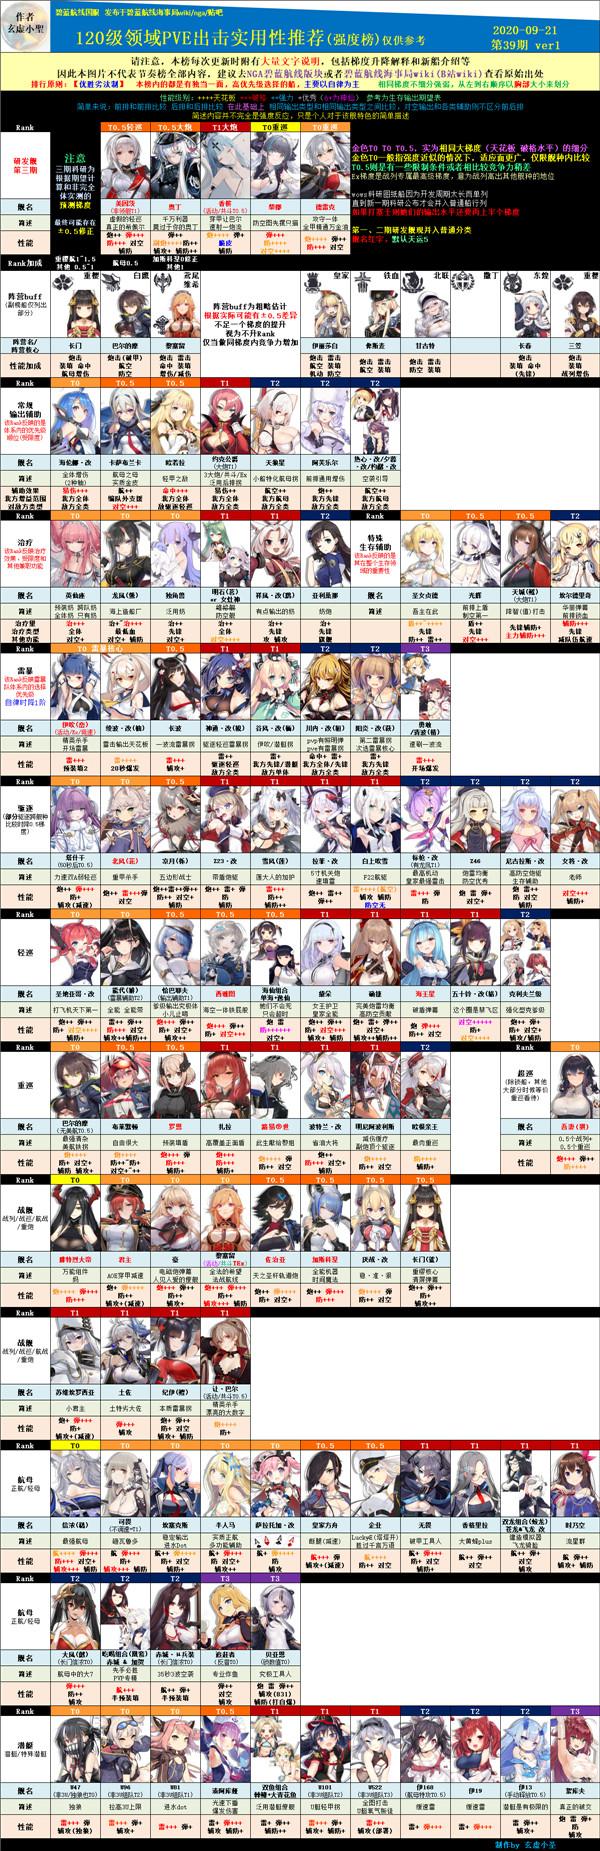 碧蓝航线2020舰娘强度排行榜(蝶海梦花)